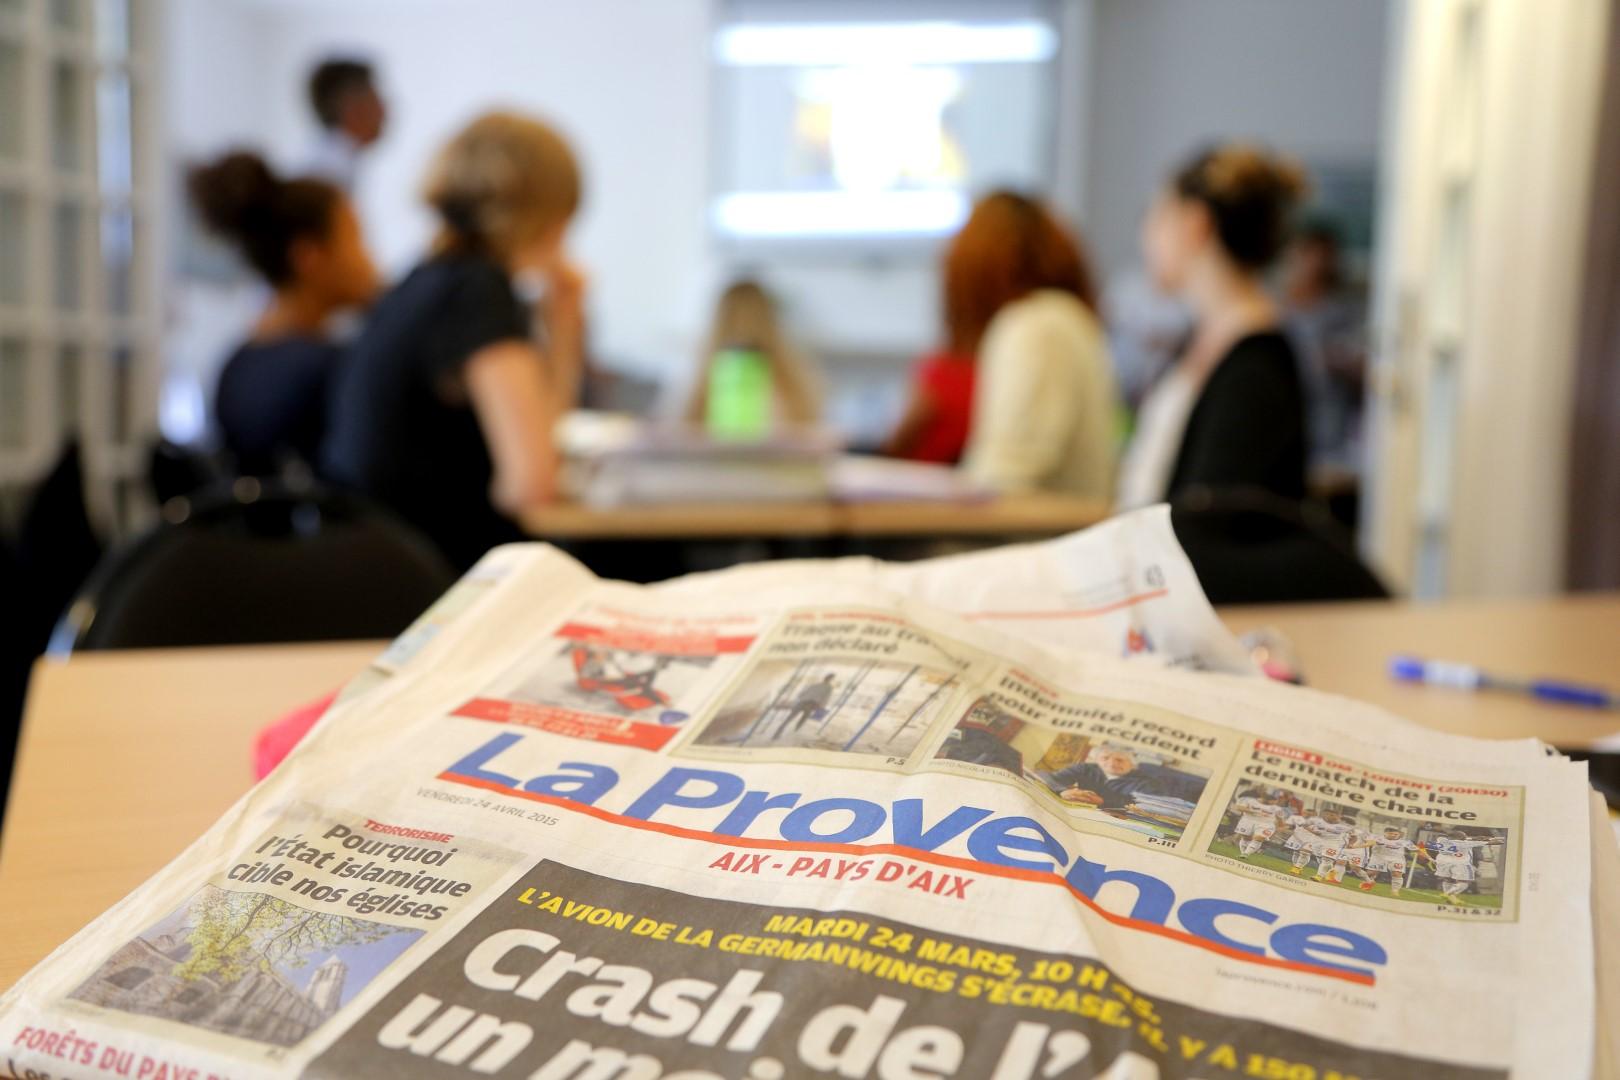 apprendre le français avec des exercices venant de journaux